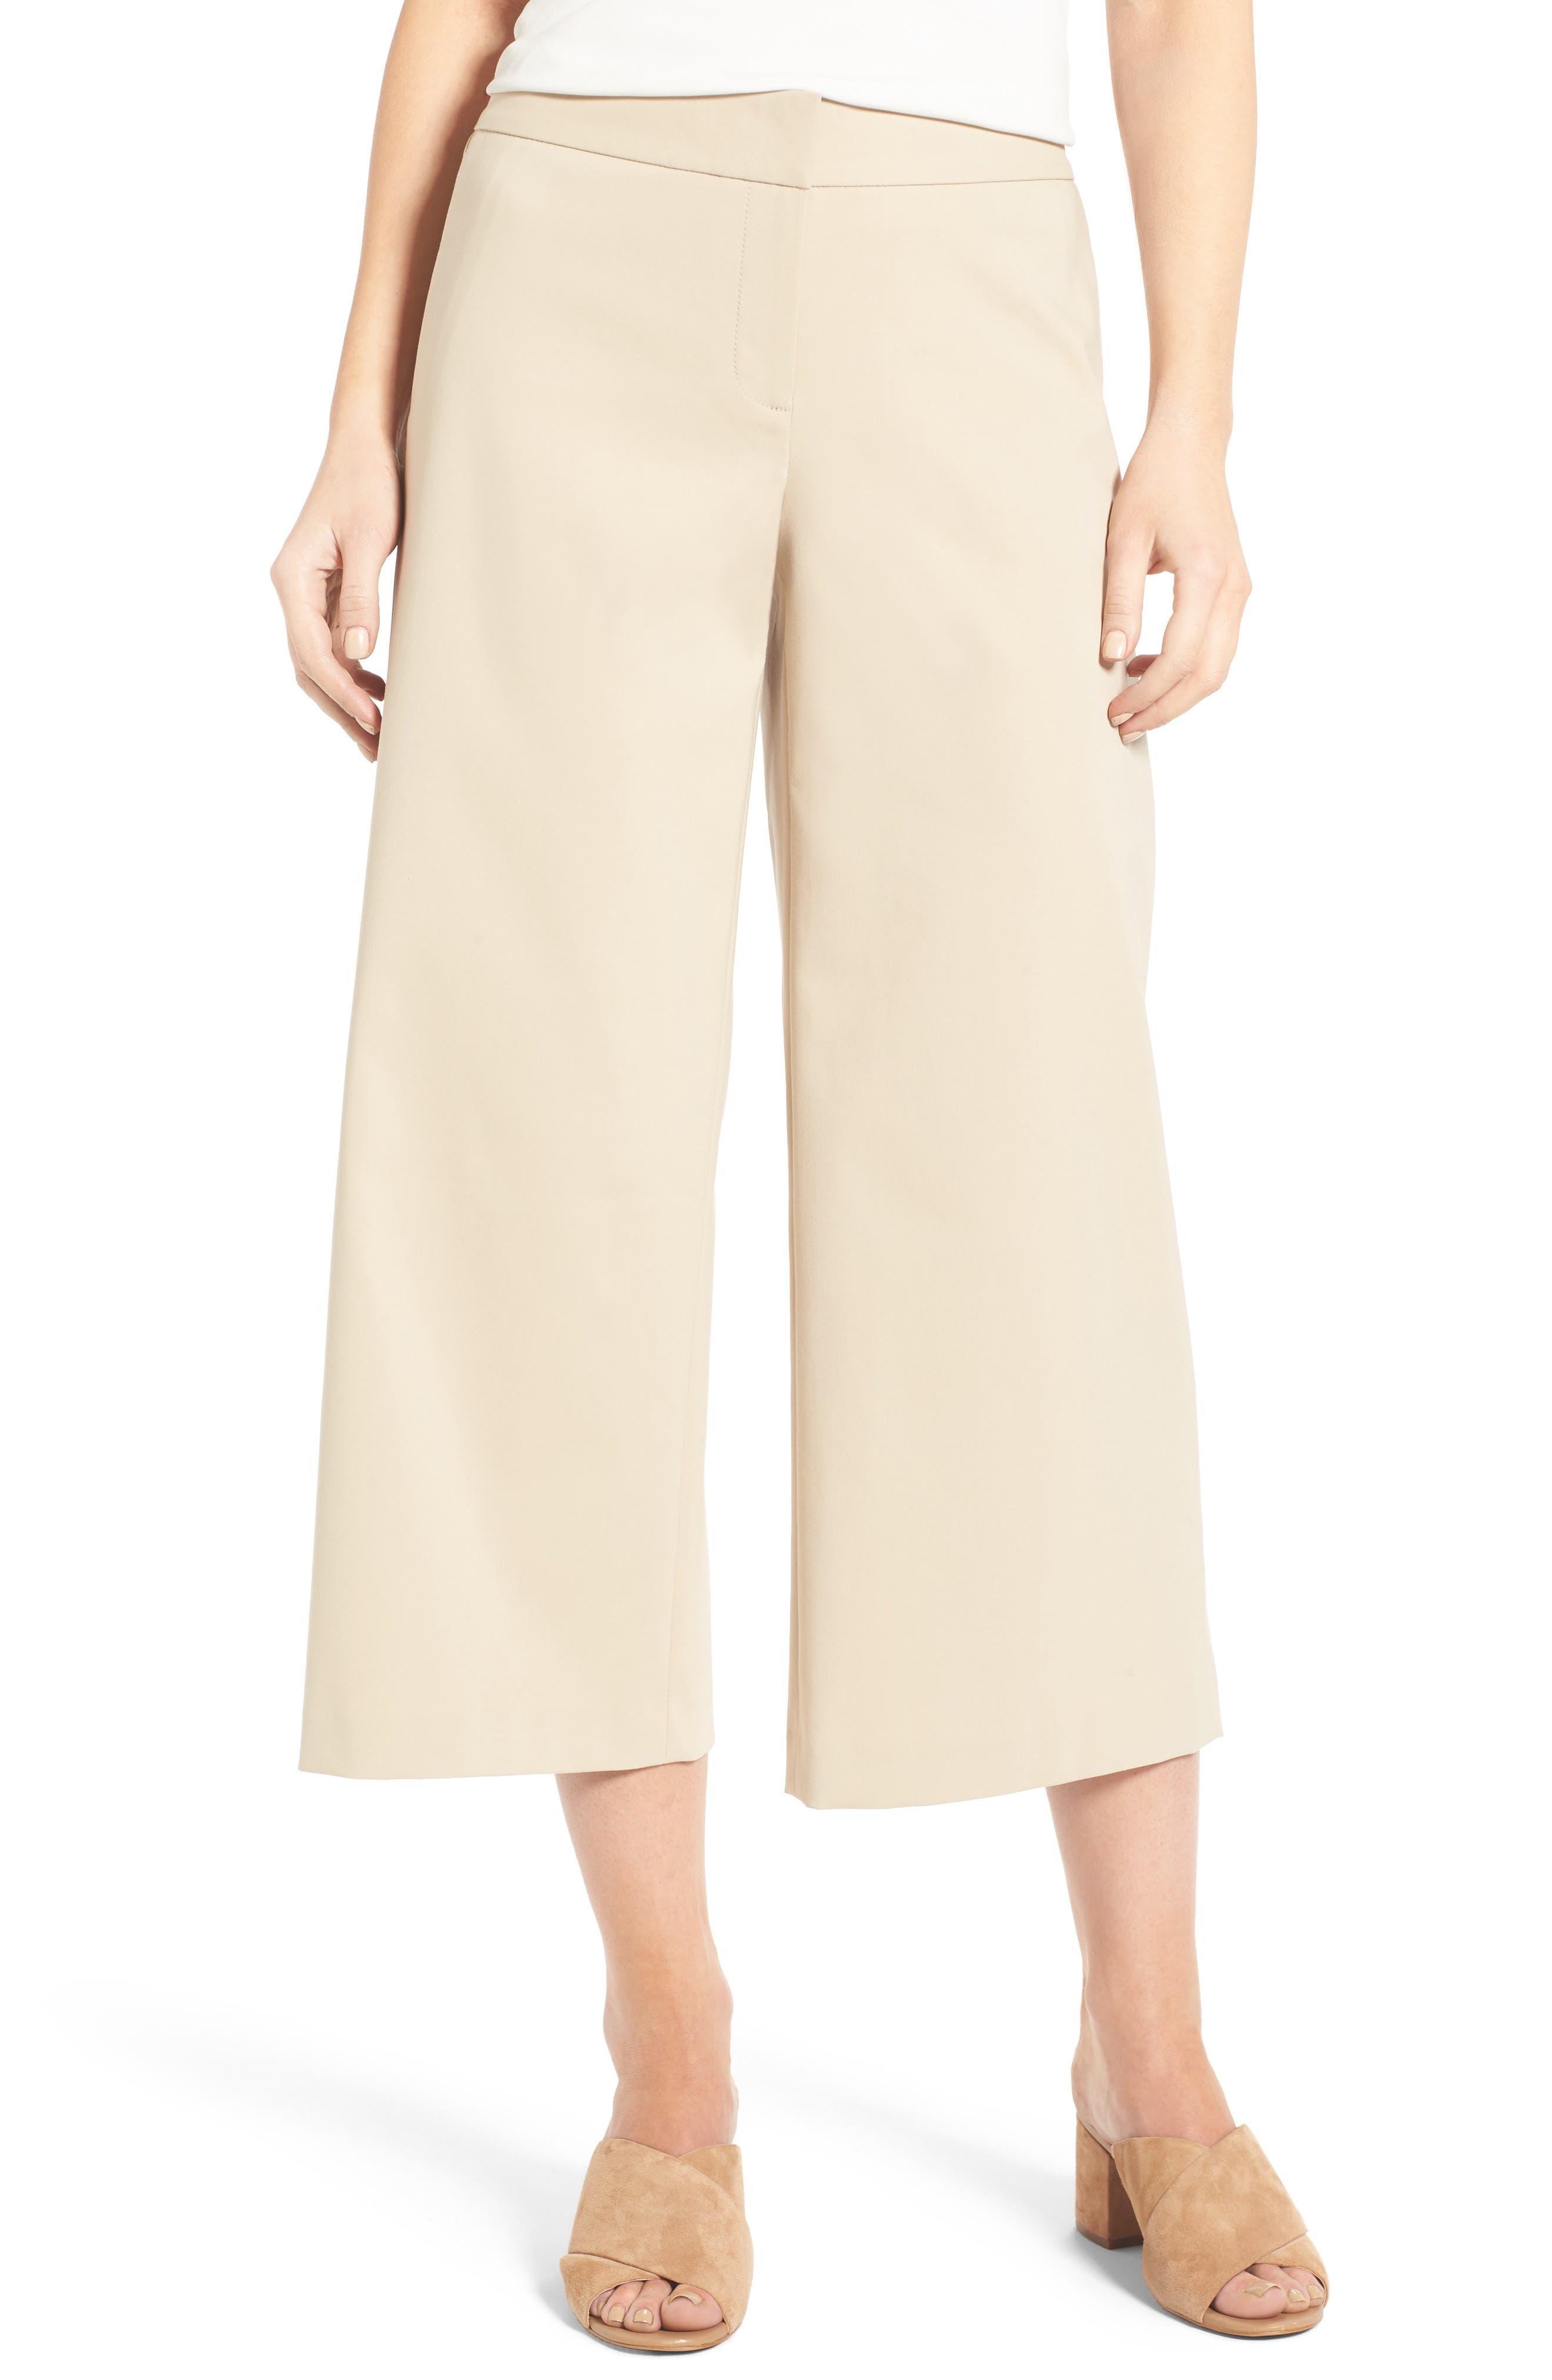 Wide Leg Crop Pants,                             Main thumbnail 1, color,                             Beige Hummus